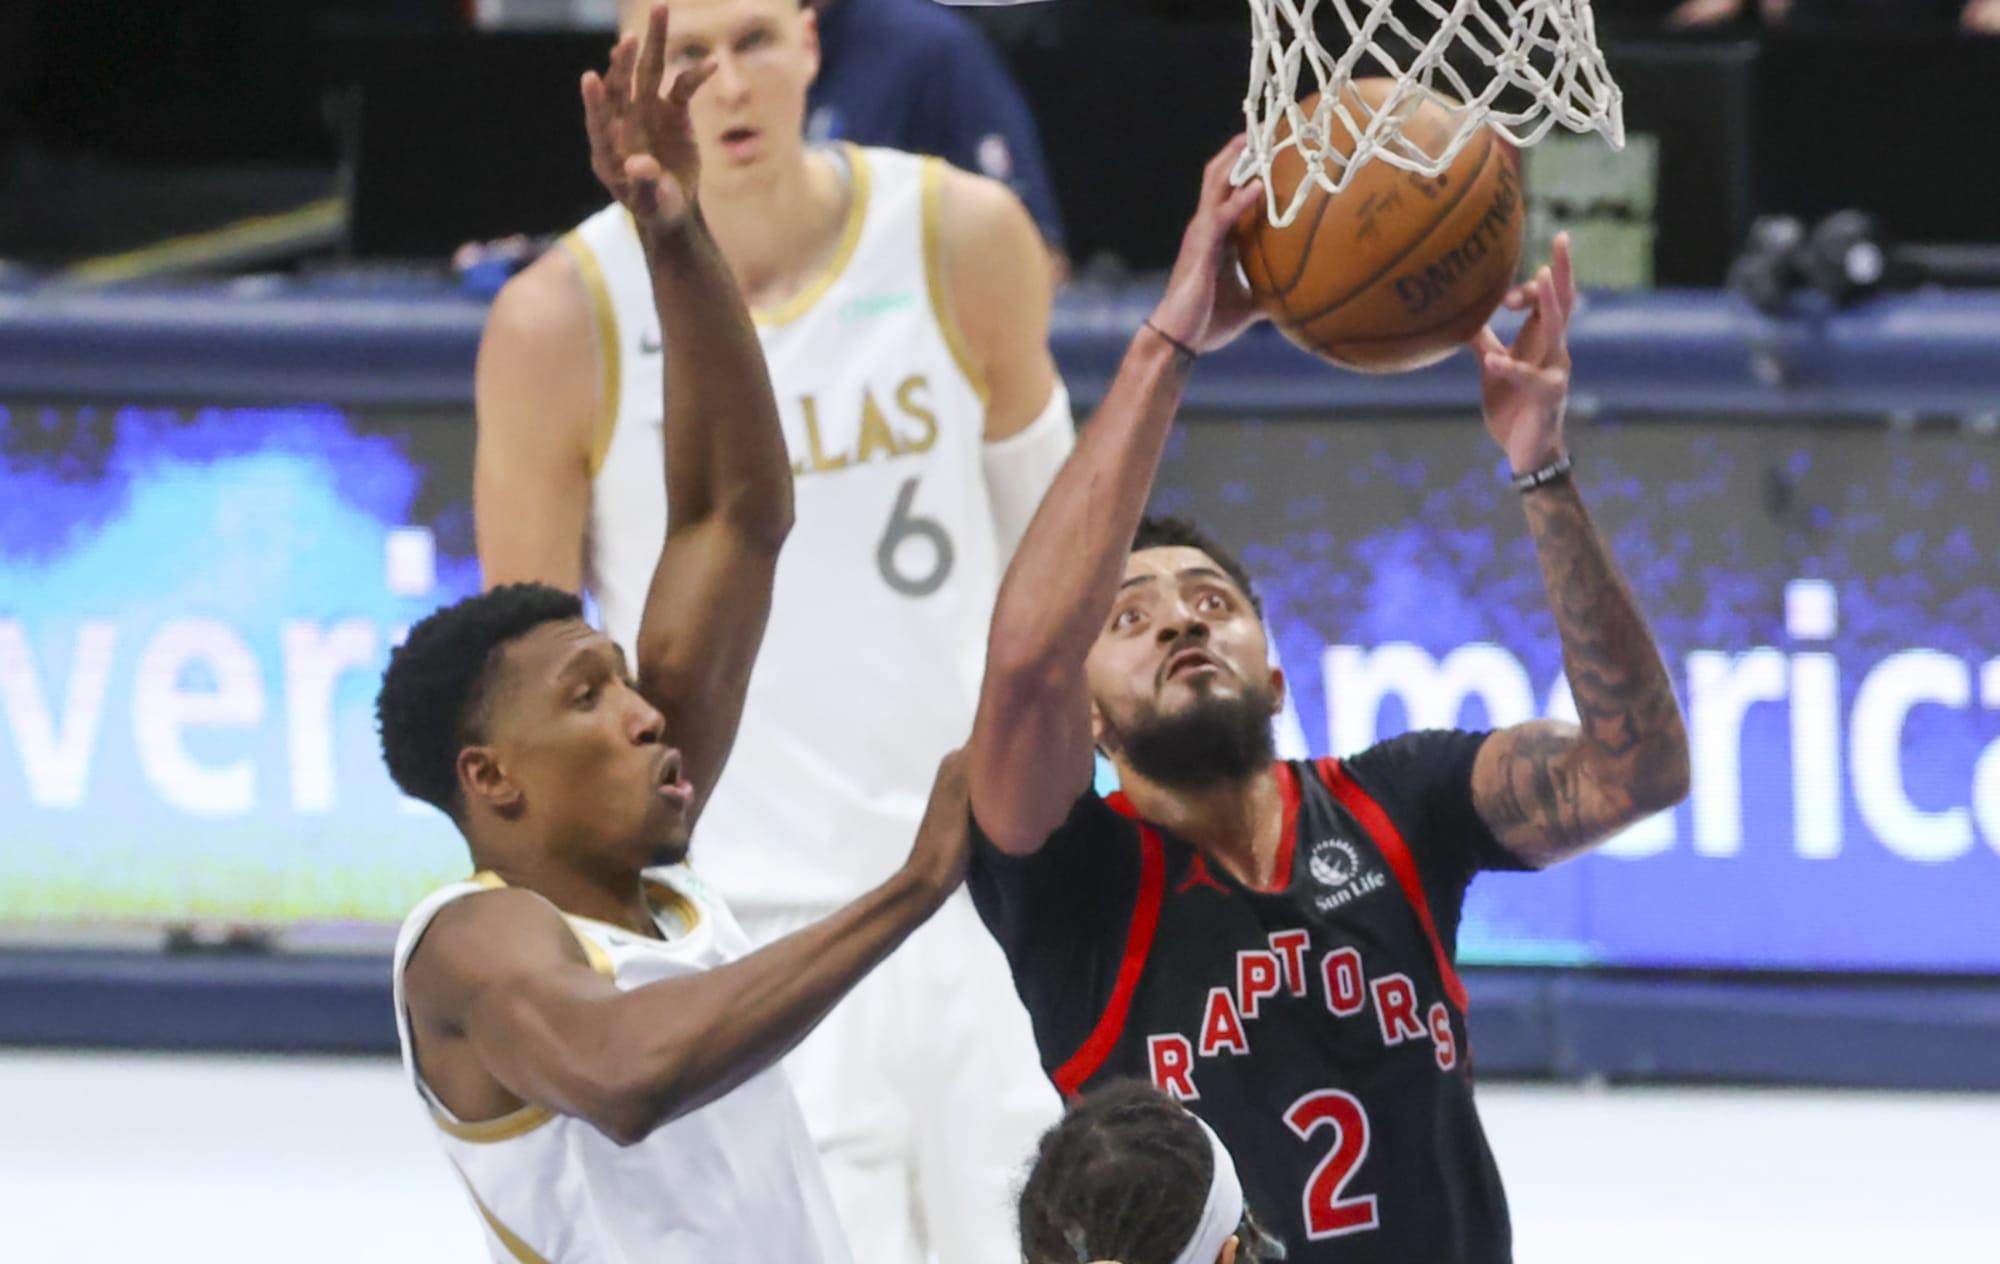 Toronto Raptors: 2020 draft picks should give fans hope for 2021